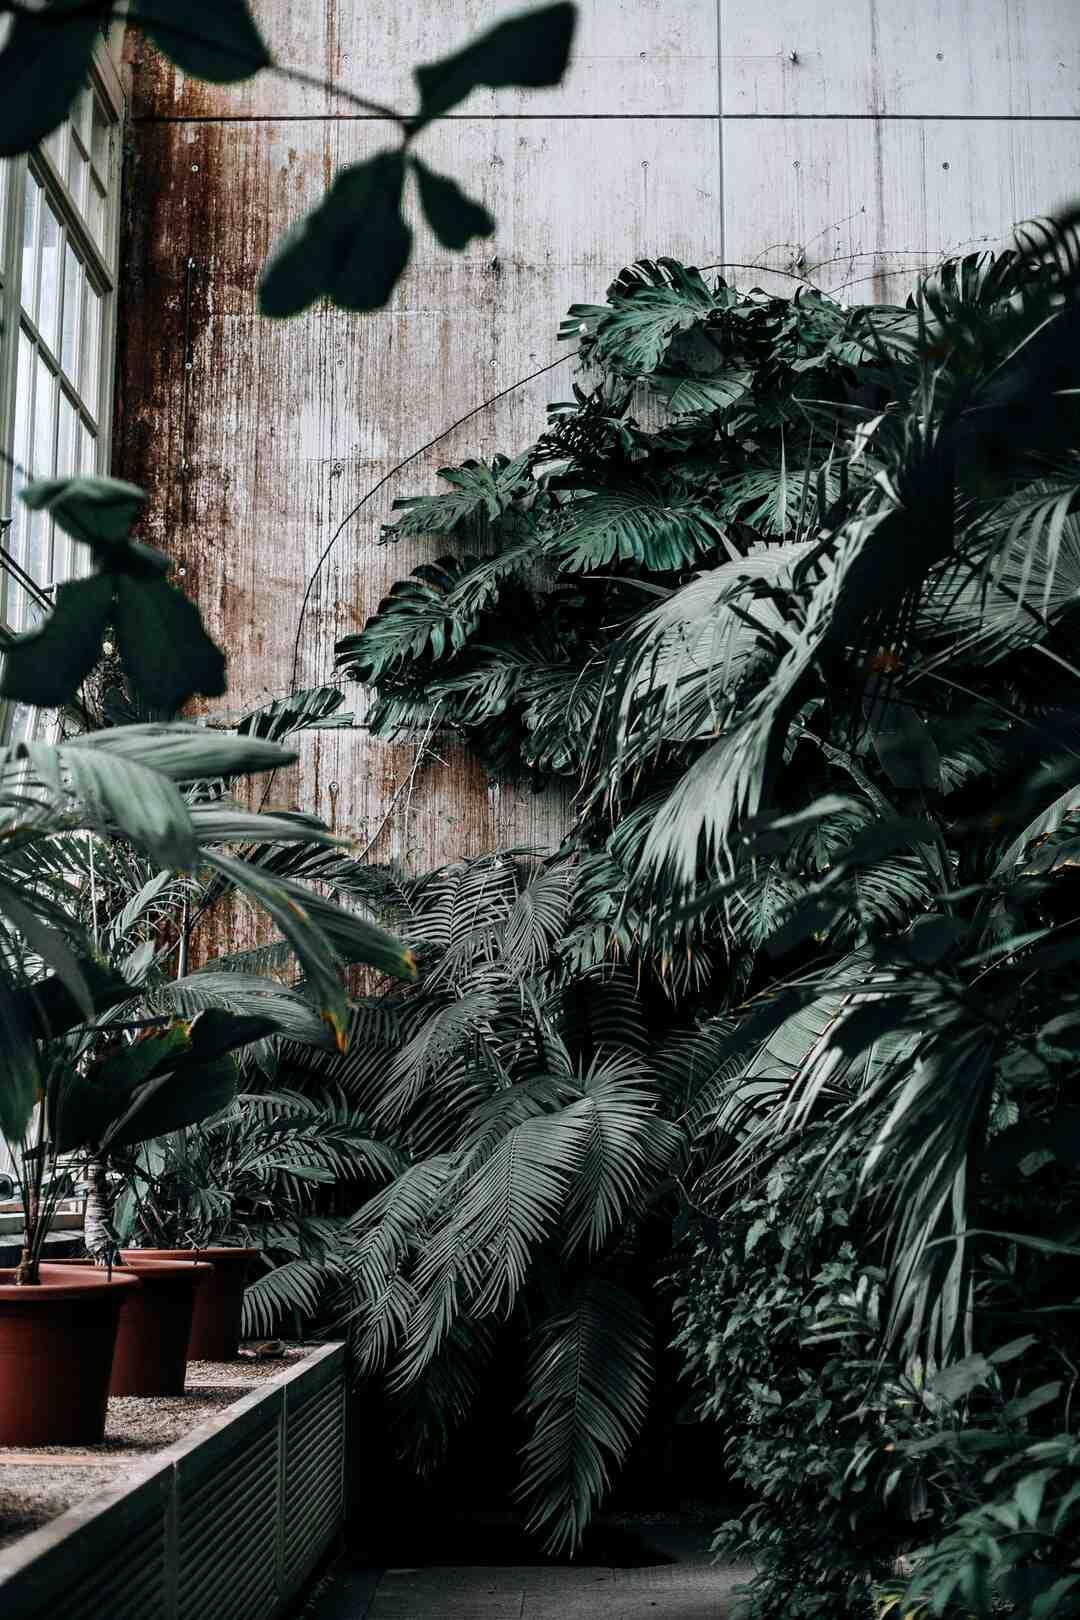 Comment  Utiliser des mèches pour arroser les plantes